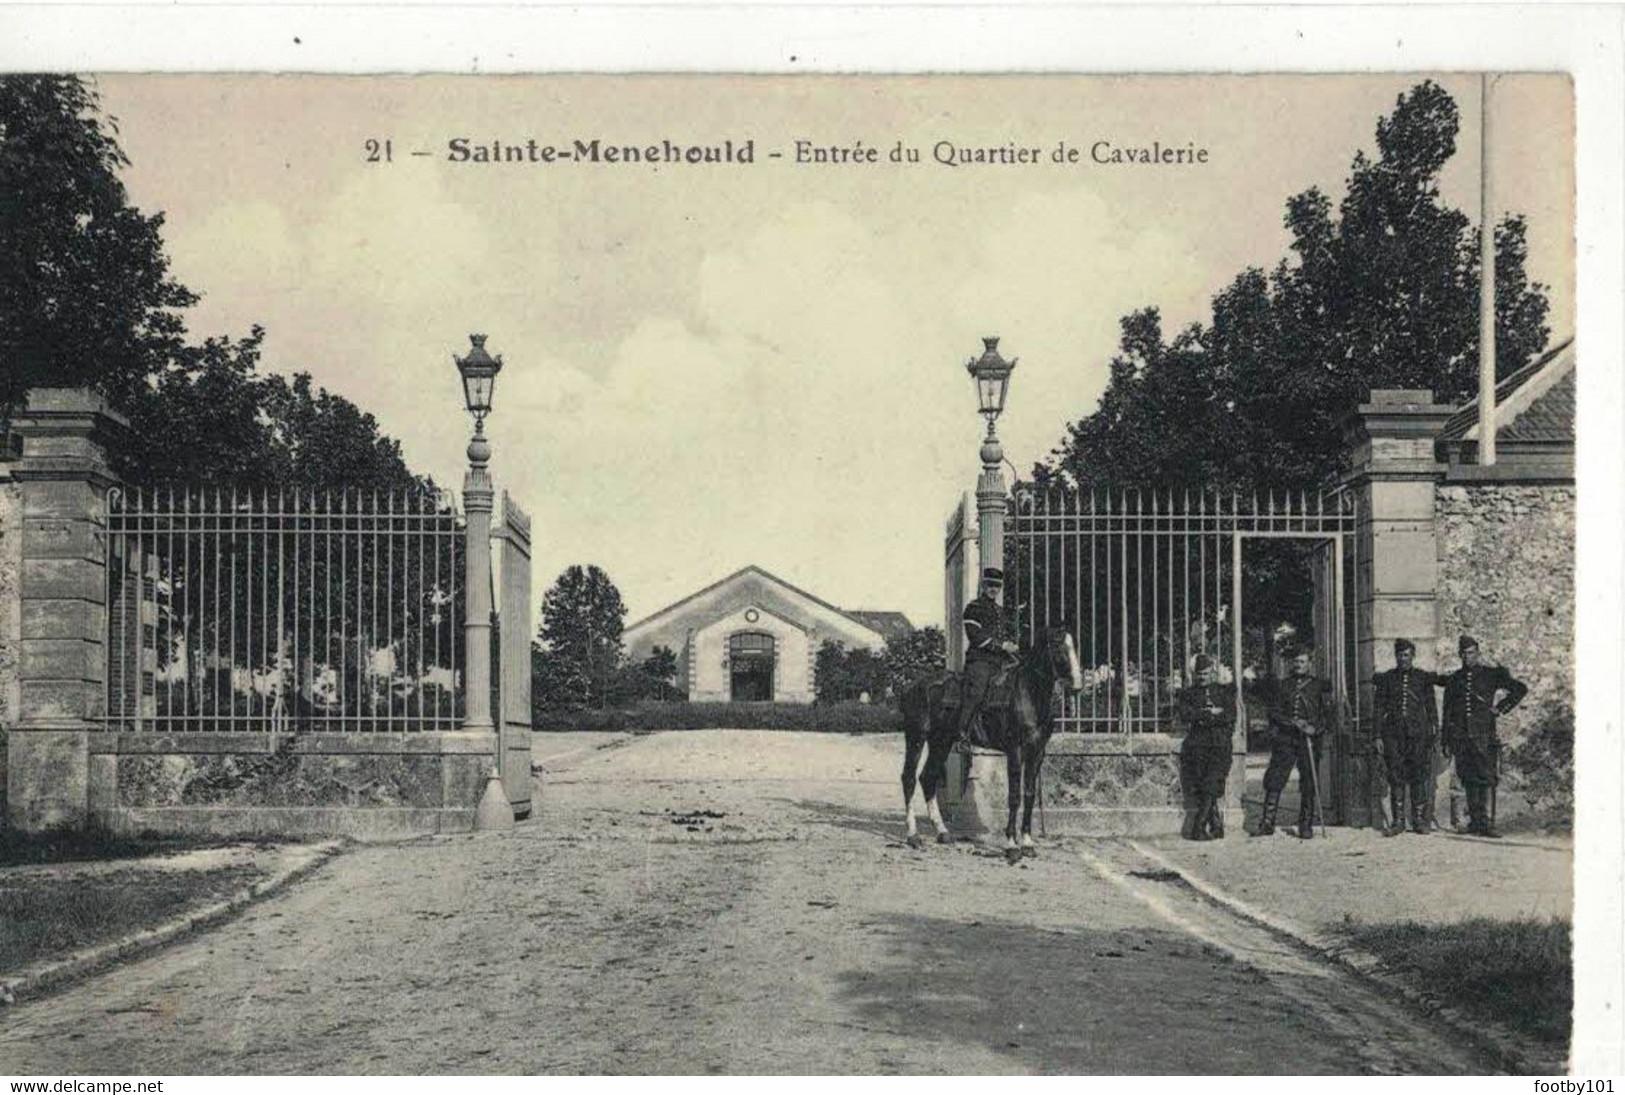 CPA  ST - MENEHOULD  Entrée Du Quartier De Cavalerie  N° 21 - Sainte-Menehould